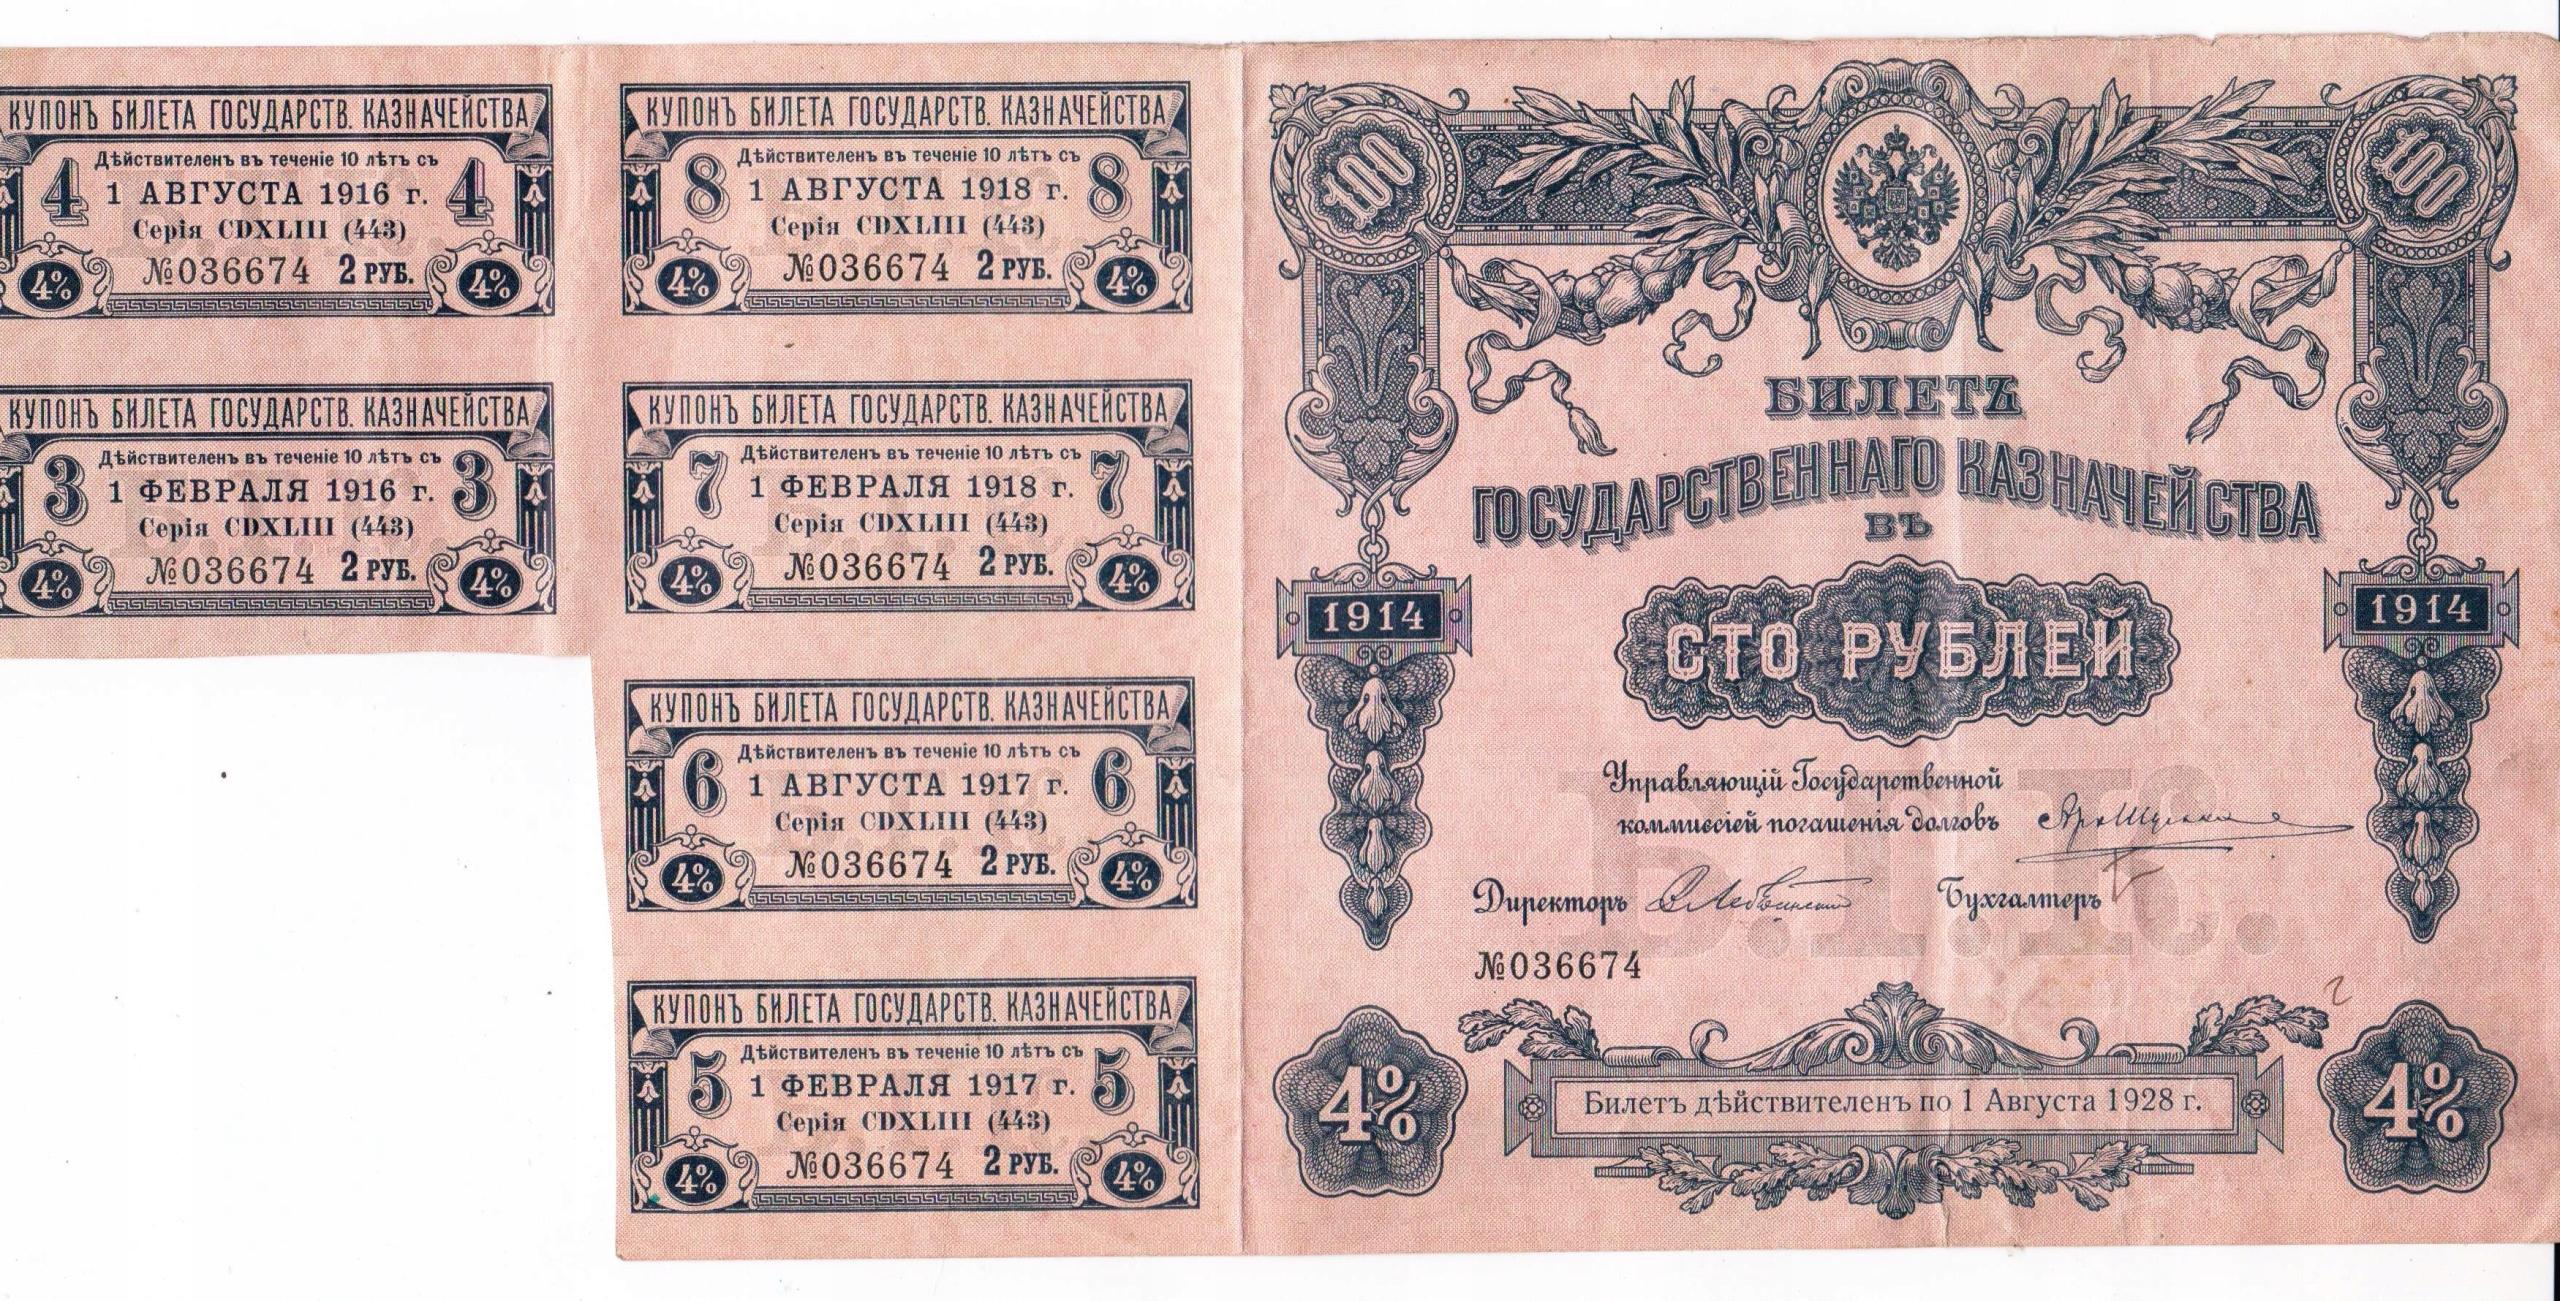 Rosja 4% Bilet skarbowy z 1914 r z kuponami